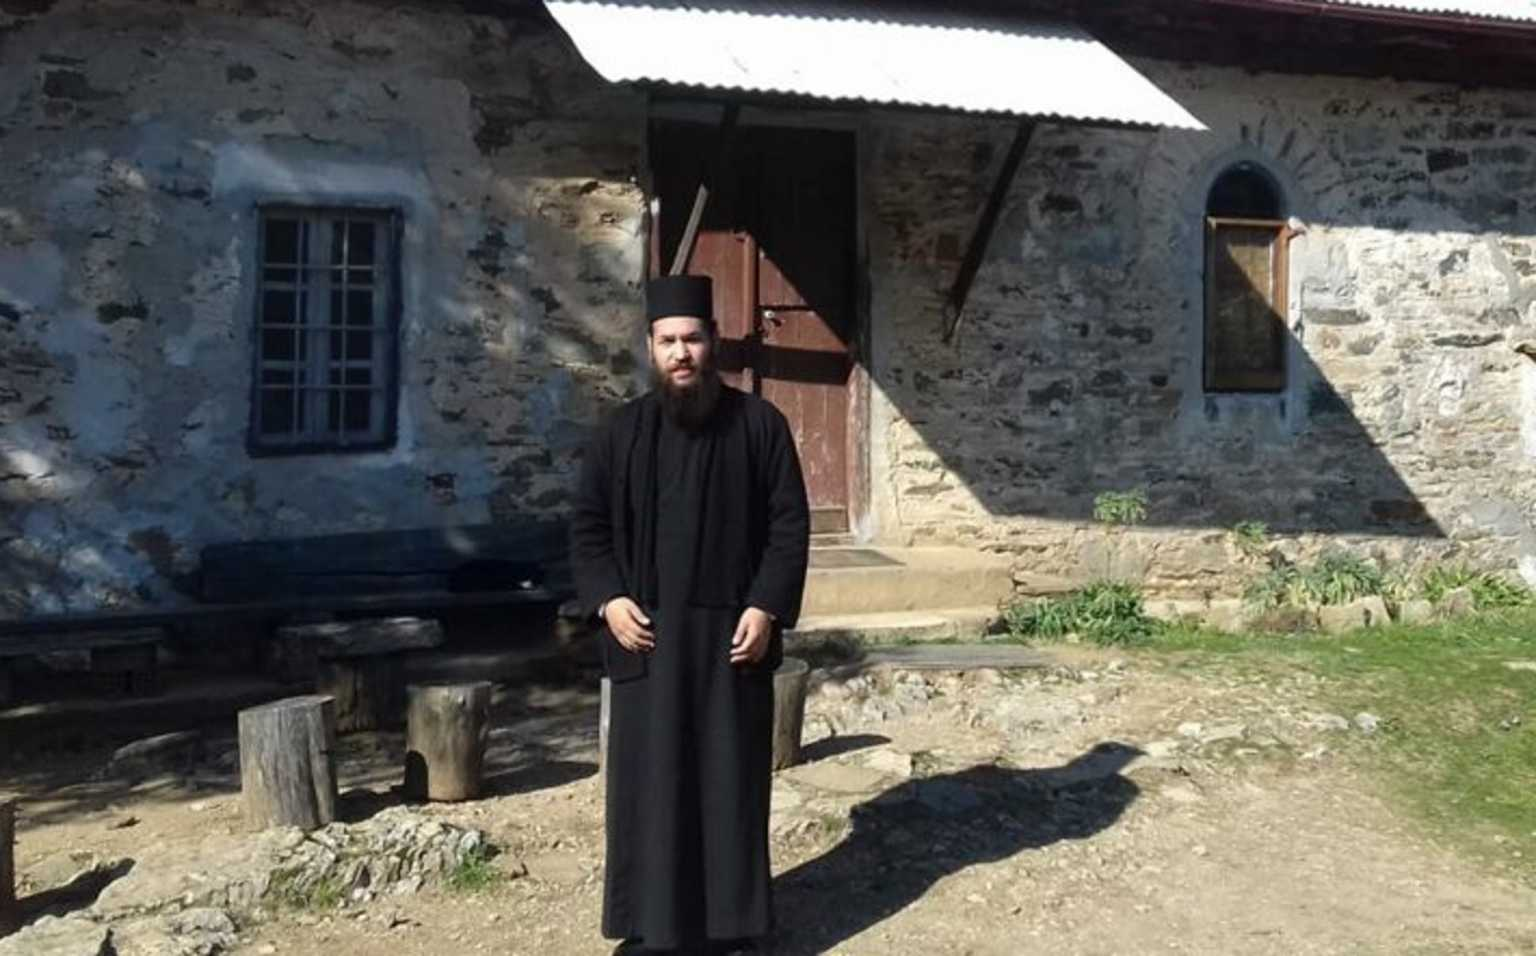 Μονή Πετράκη: Αλλοπρόσαλλη η συμπεριφορά του ιερέα στο κρατητήριο – Τι είπε στους αστυνομικούς